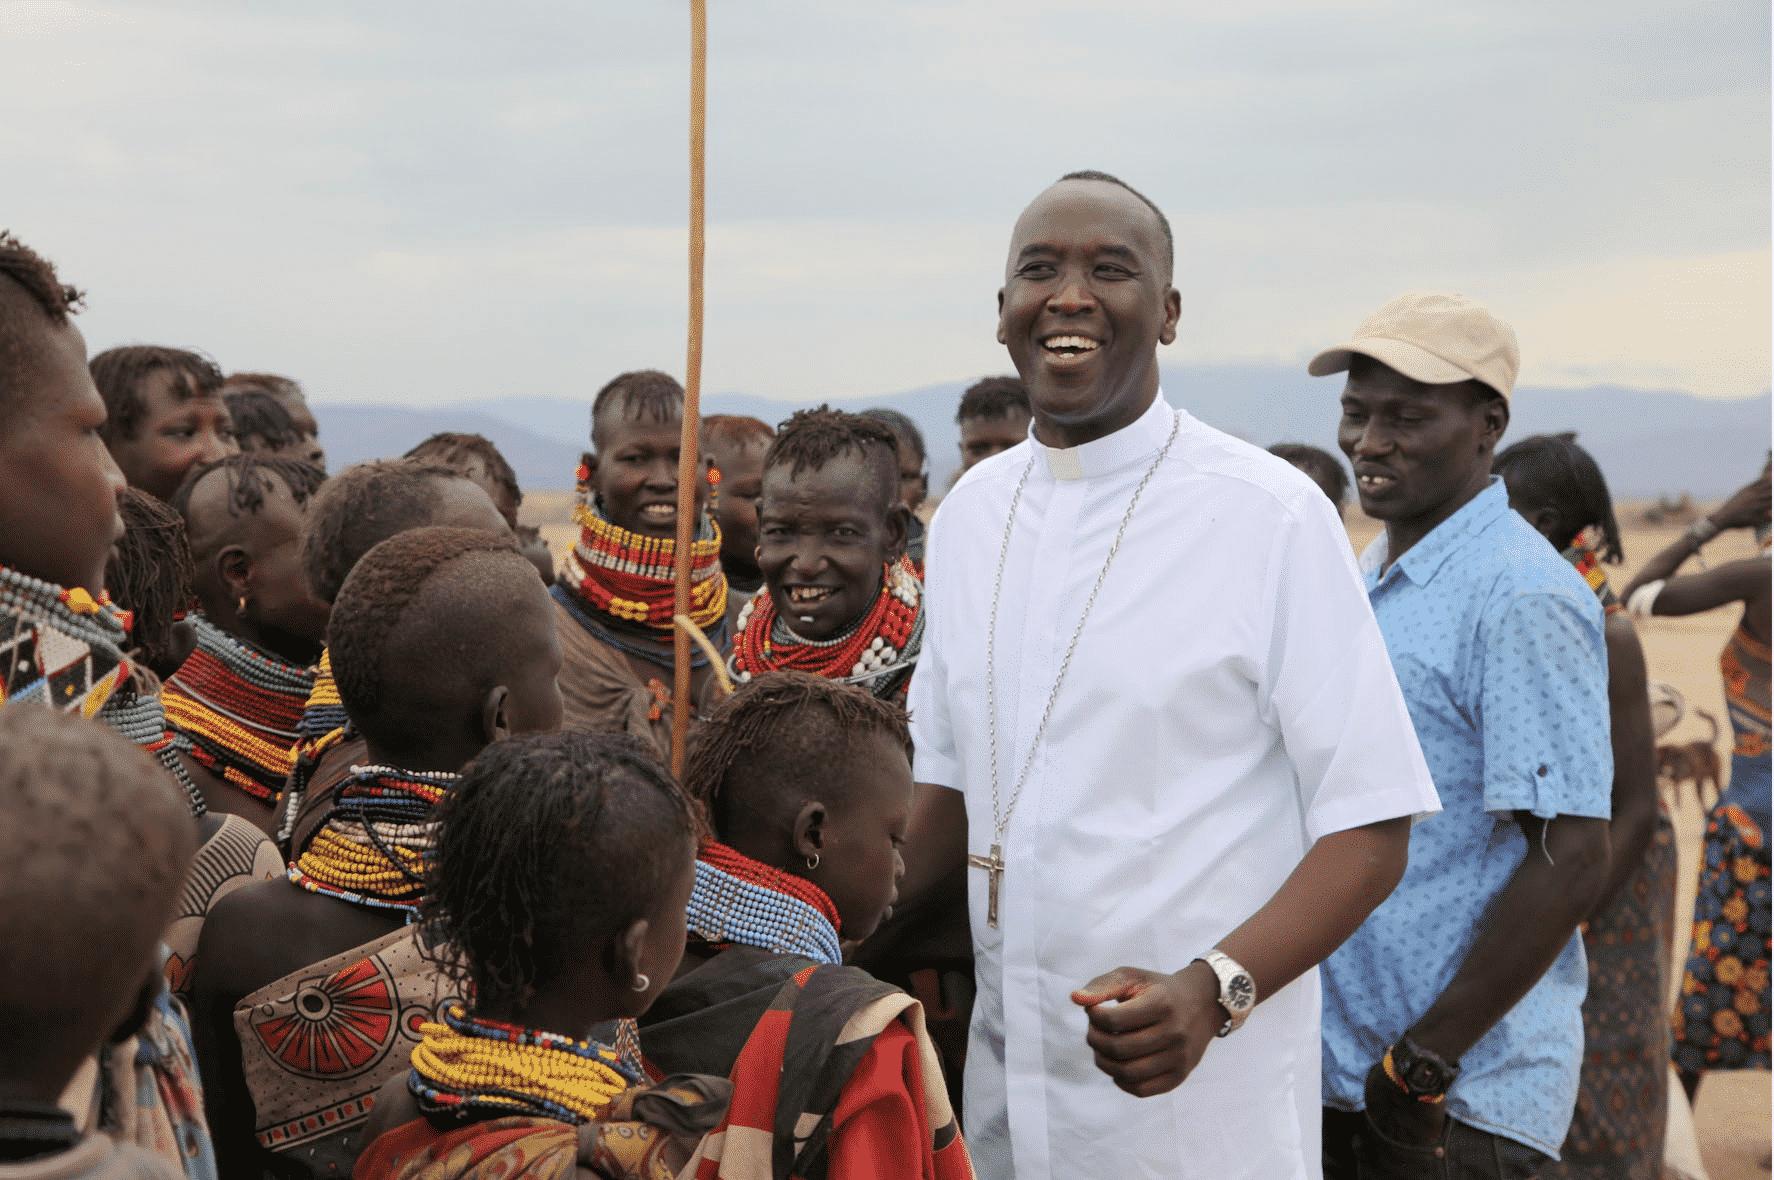 Obispo de Kenia pide no ignorar la realidad de los campos de refugiados